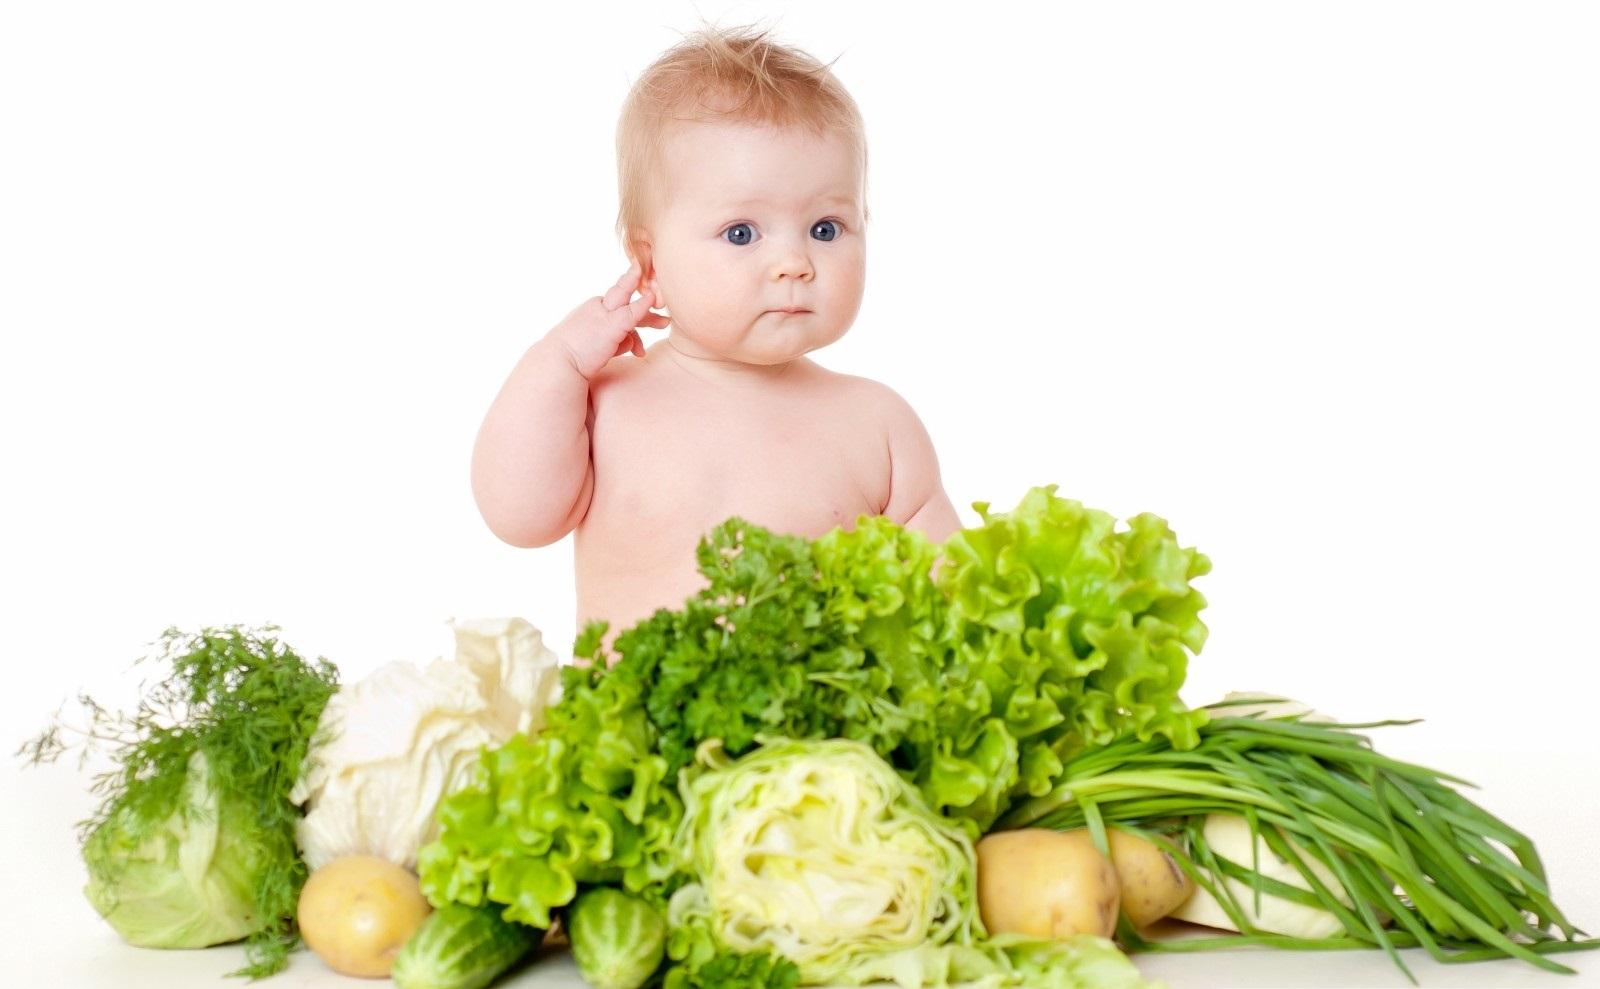 chế độ ăn nhiều rau củ giúp trị bệnh táo bón ở trẻ